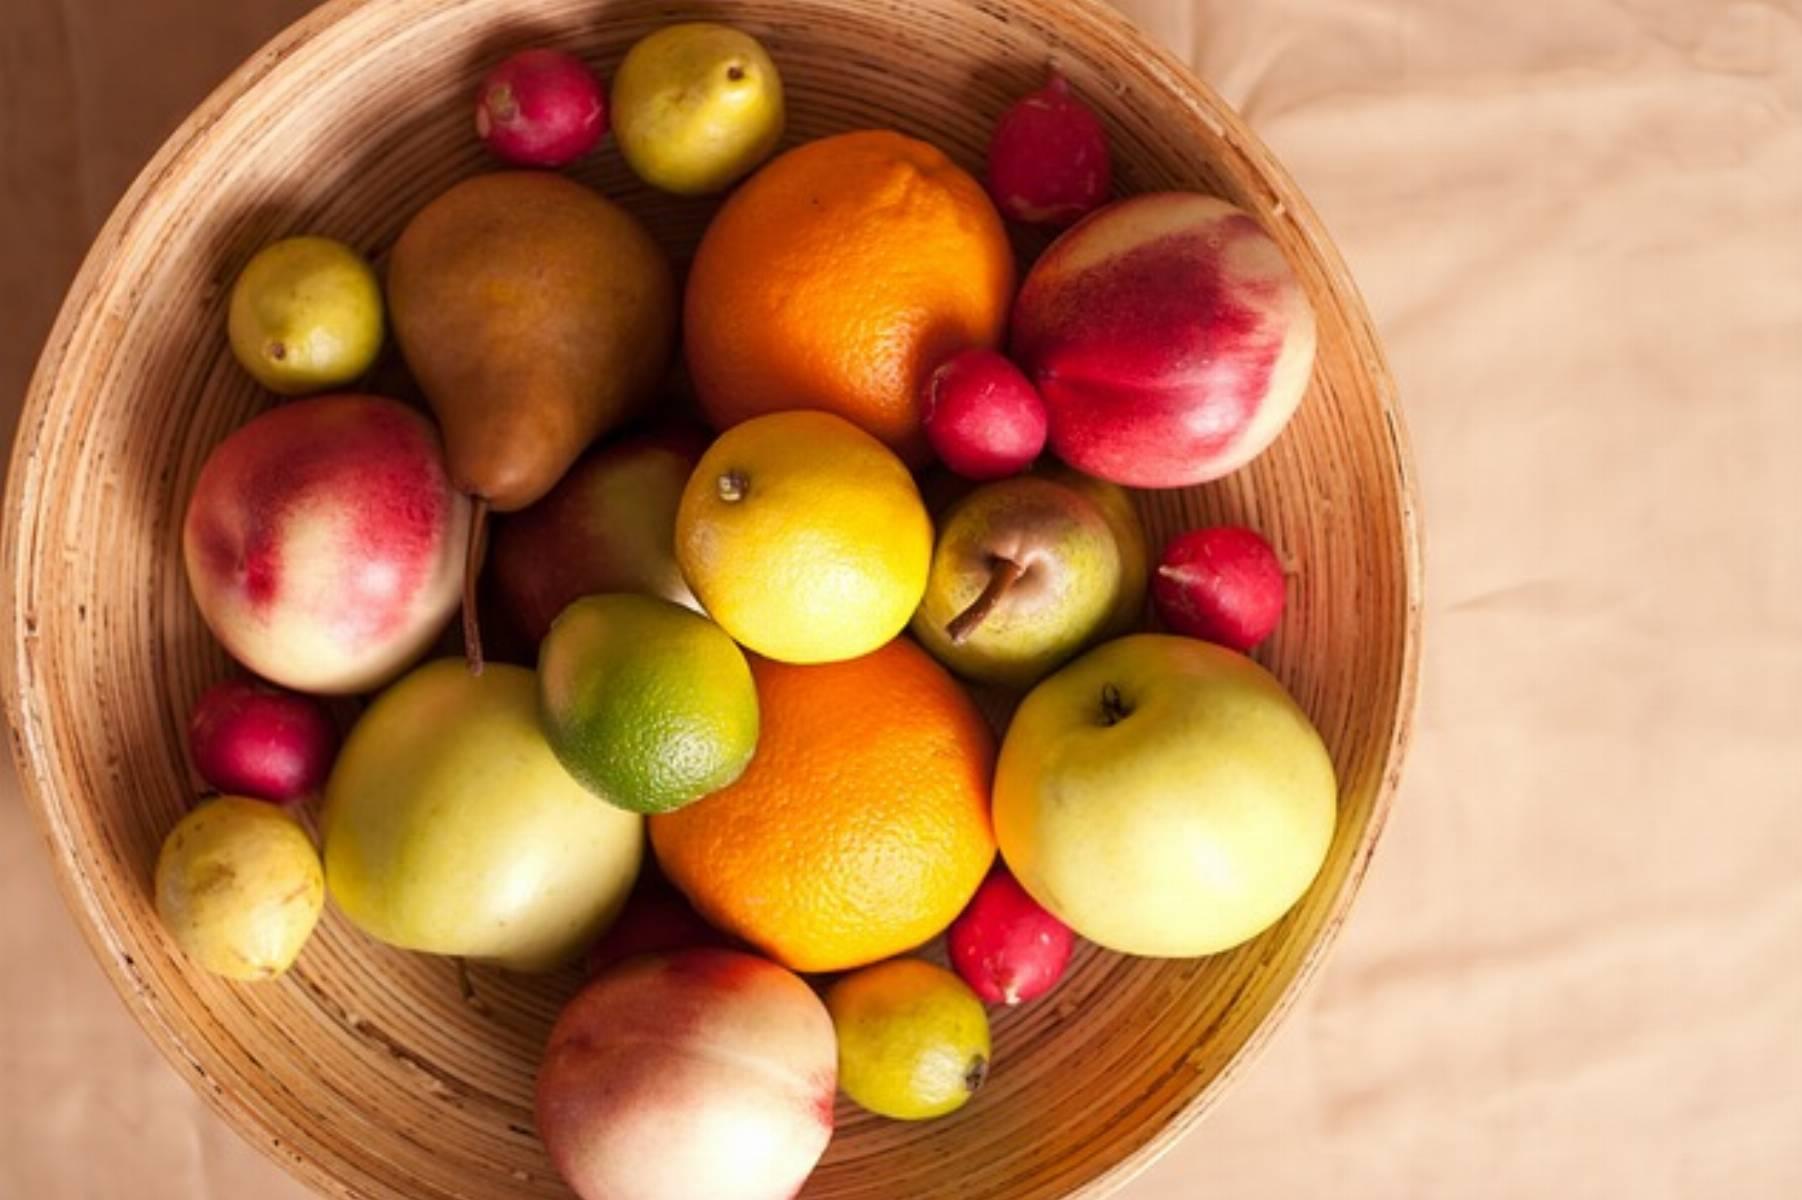 fruits-601742_640